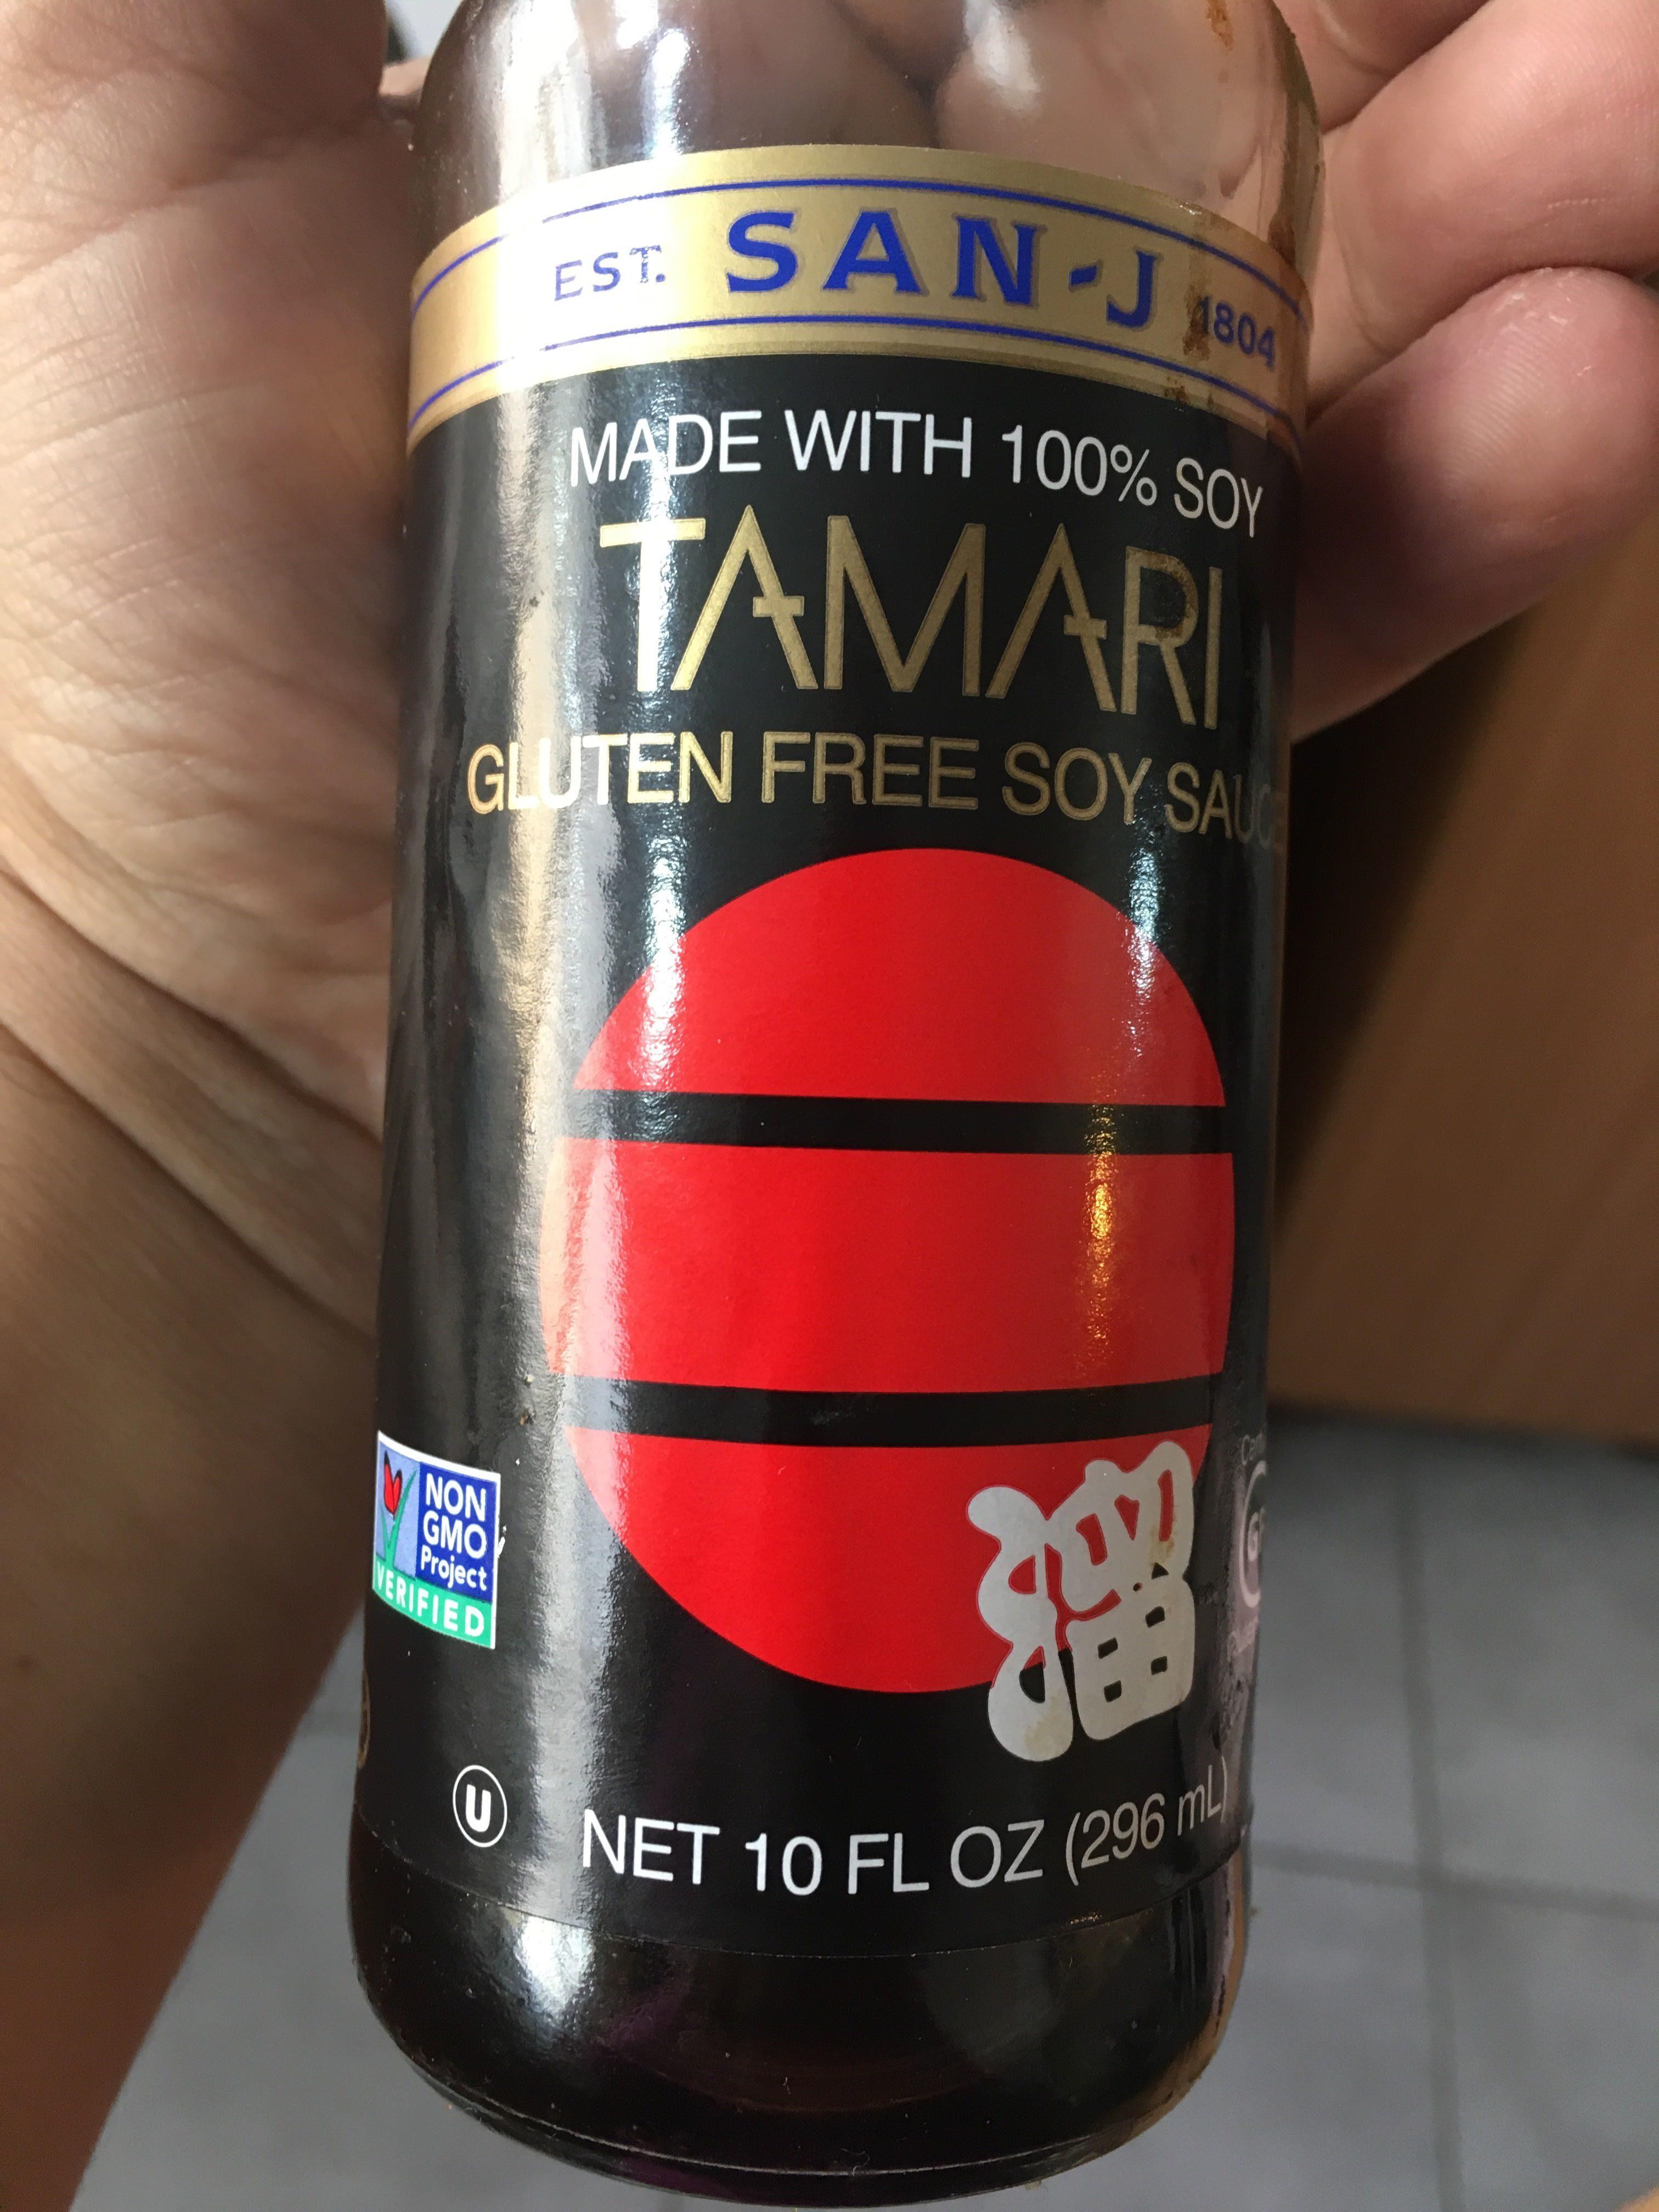 Tamari - Product - en